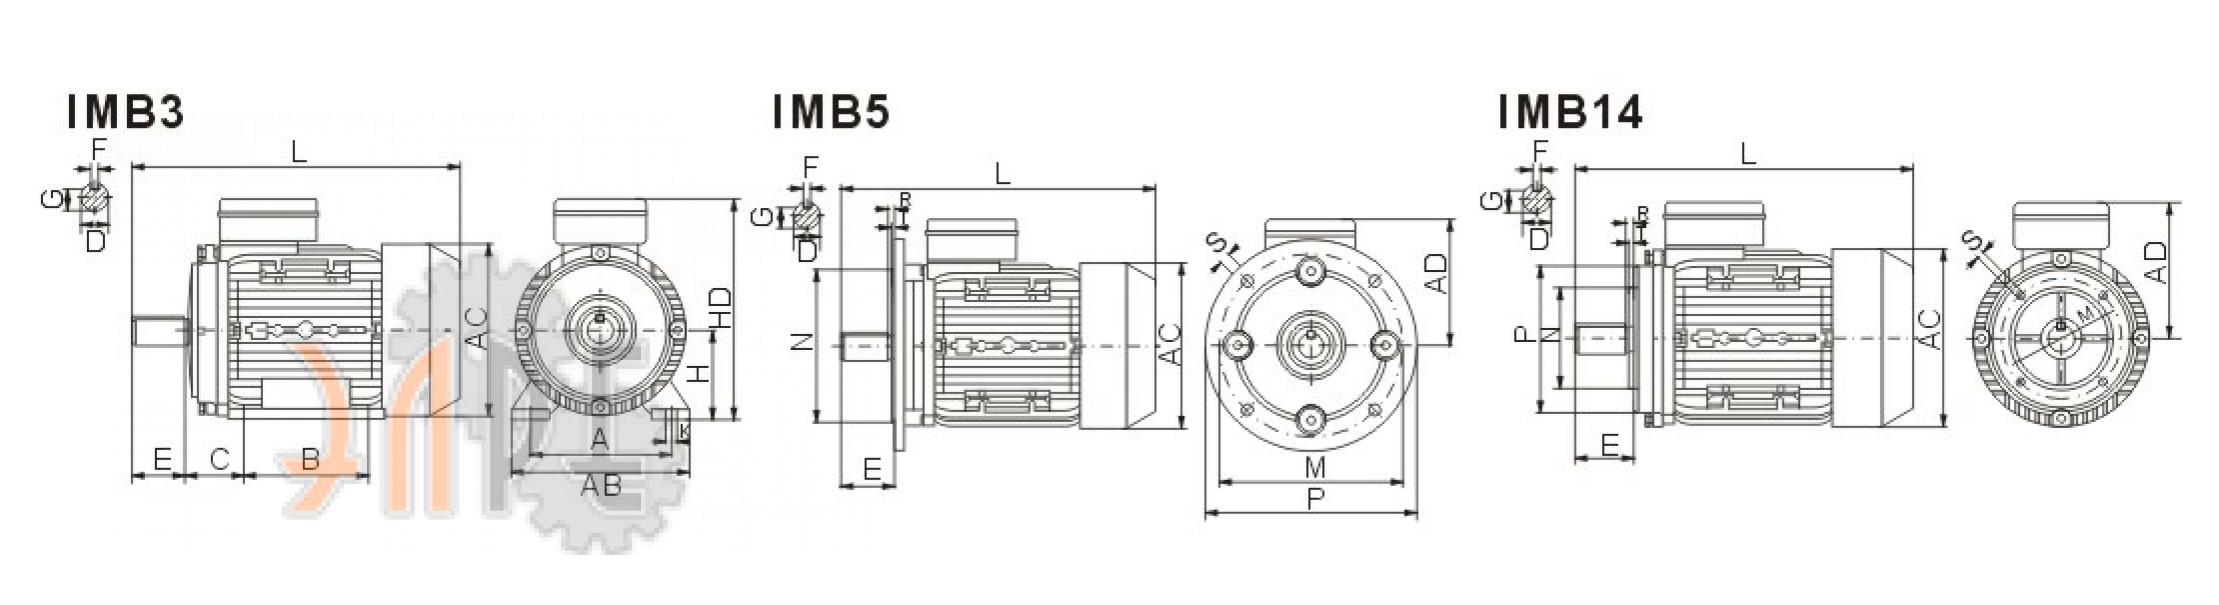 Электродвигатель ABLE MY90S-2 1Ф 1,5кВт купить